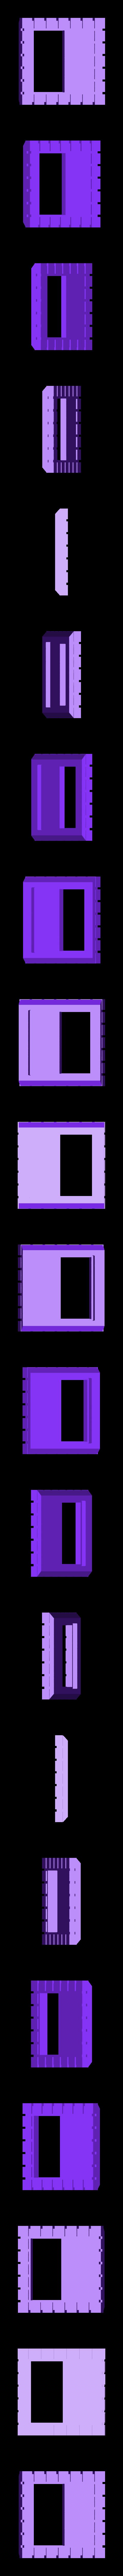 Castle_Top.stl Télécharger fichier STL gratuit Castle Dice Tower Combo • Modèle imprimable en 3D, mrhers2